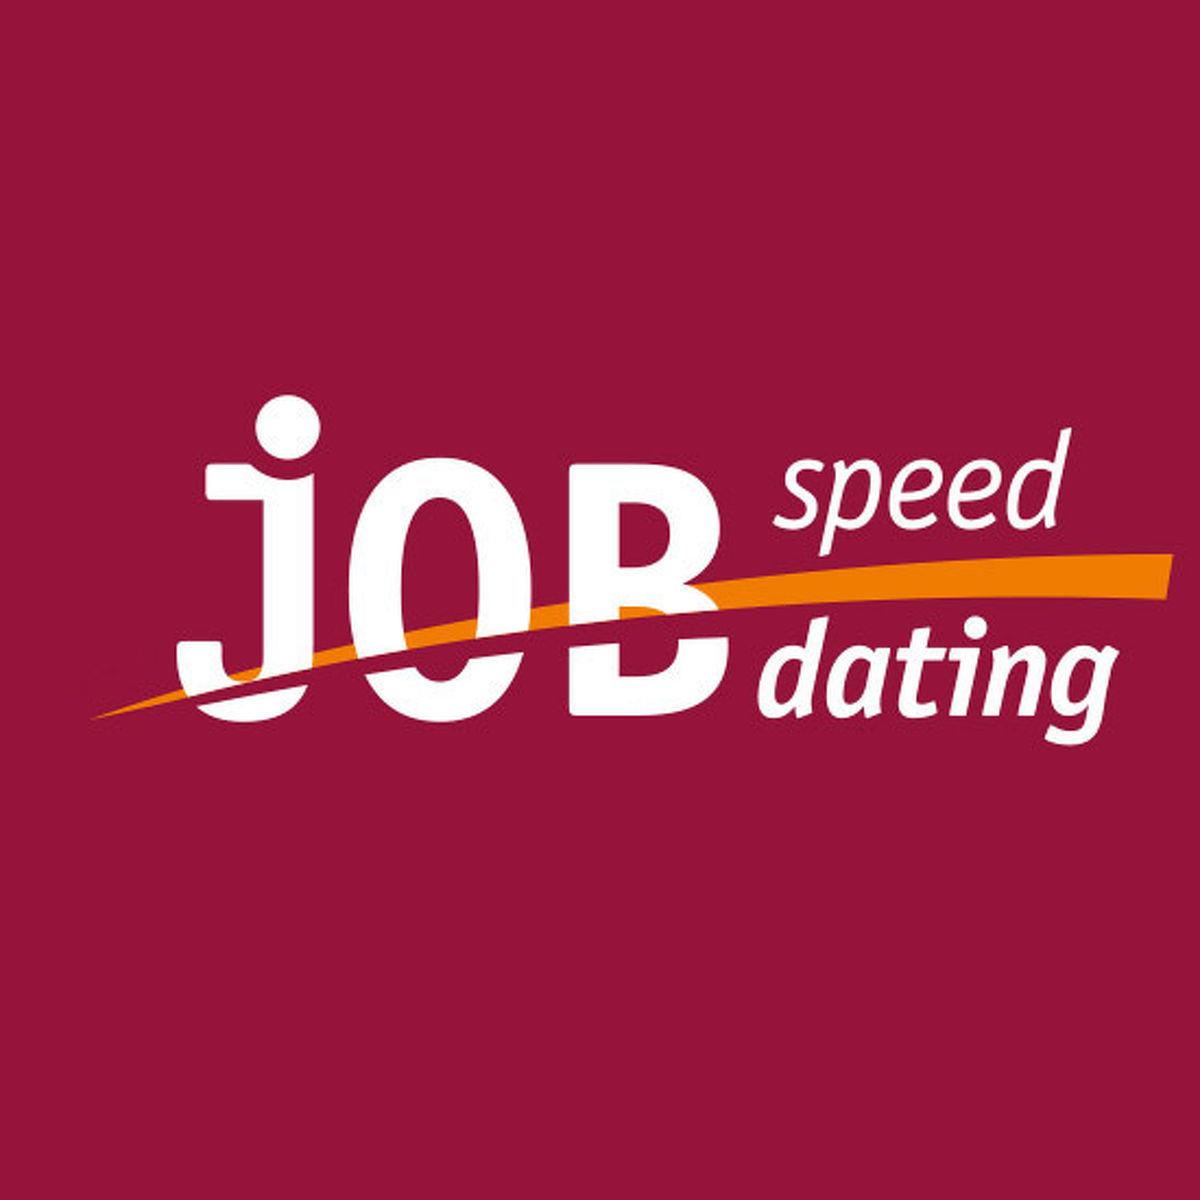 Job-Speed-Dating feiert Jubiläum